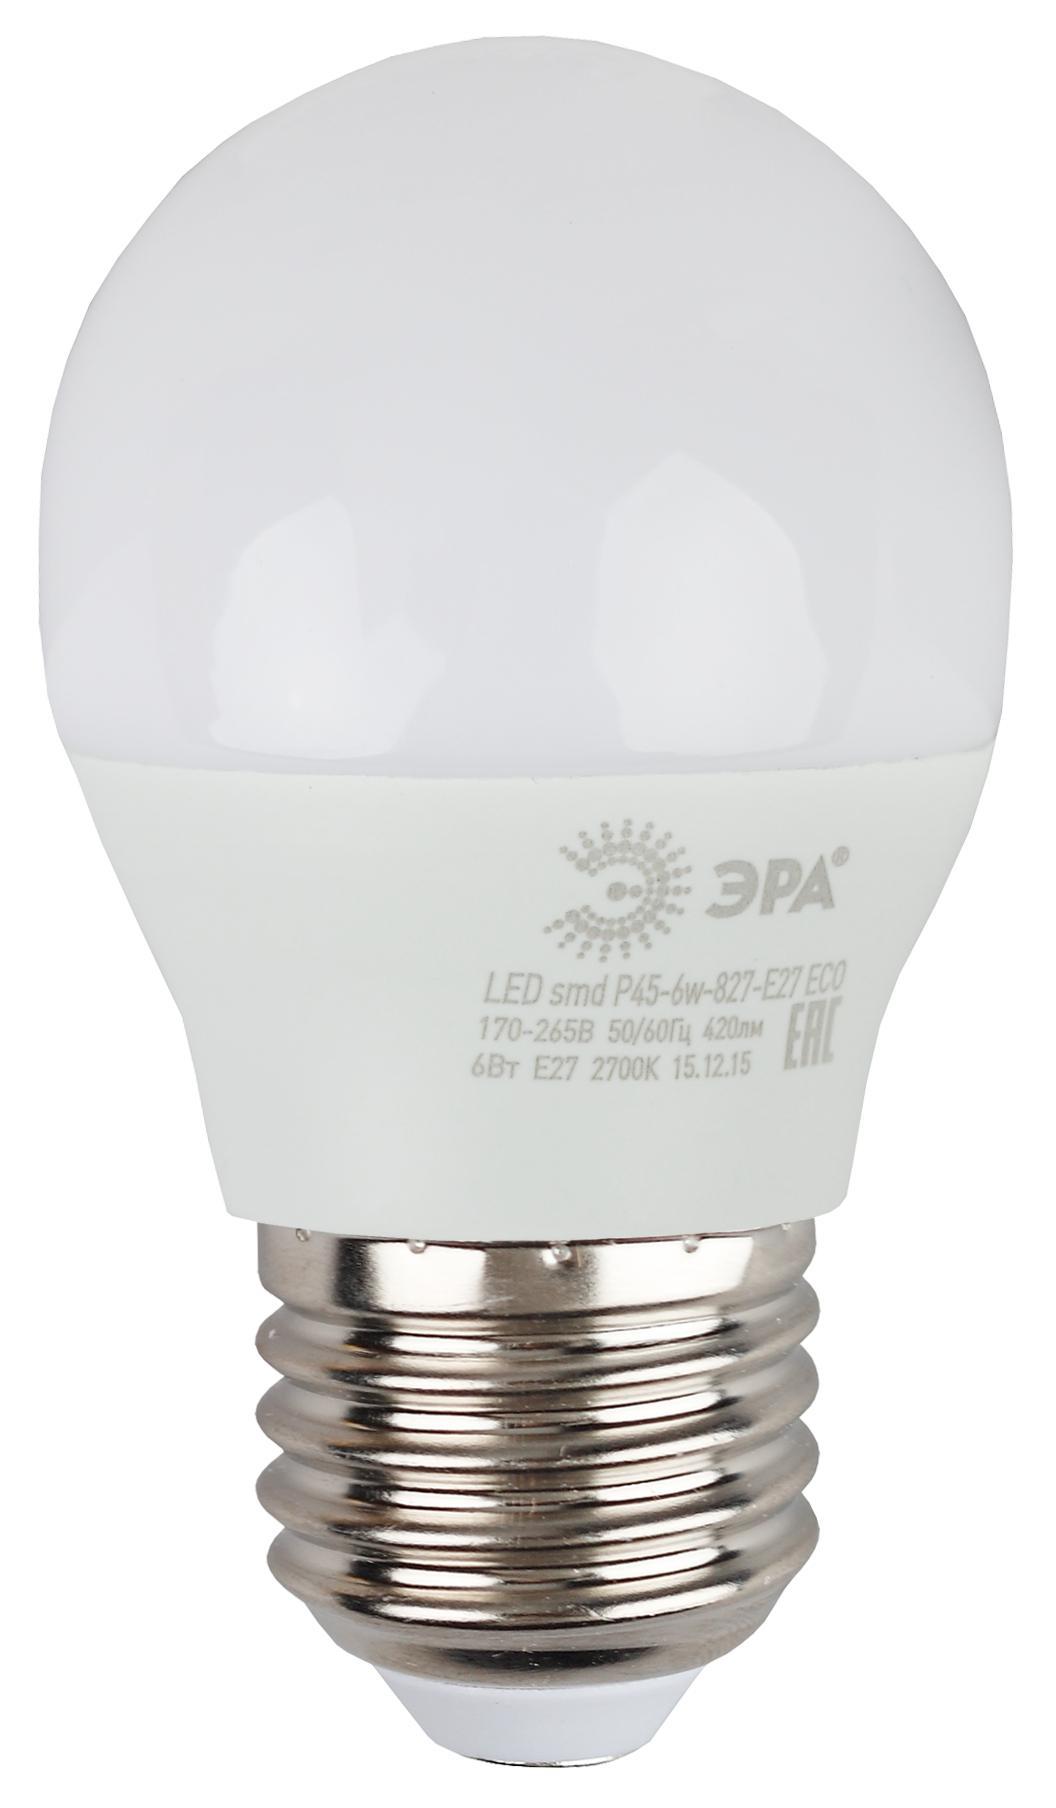 Лампа светодиодная ЭРА Led smd Р45-6w-840-e27_eco лампа светодиодная эра led smd bxs 7w 840 e14 clear